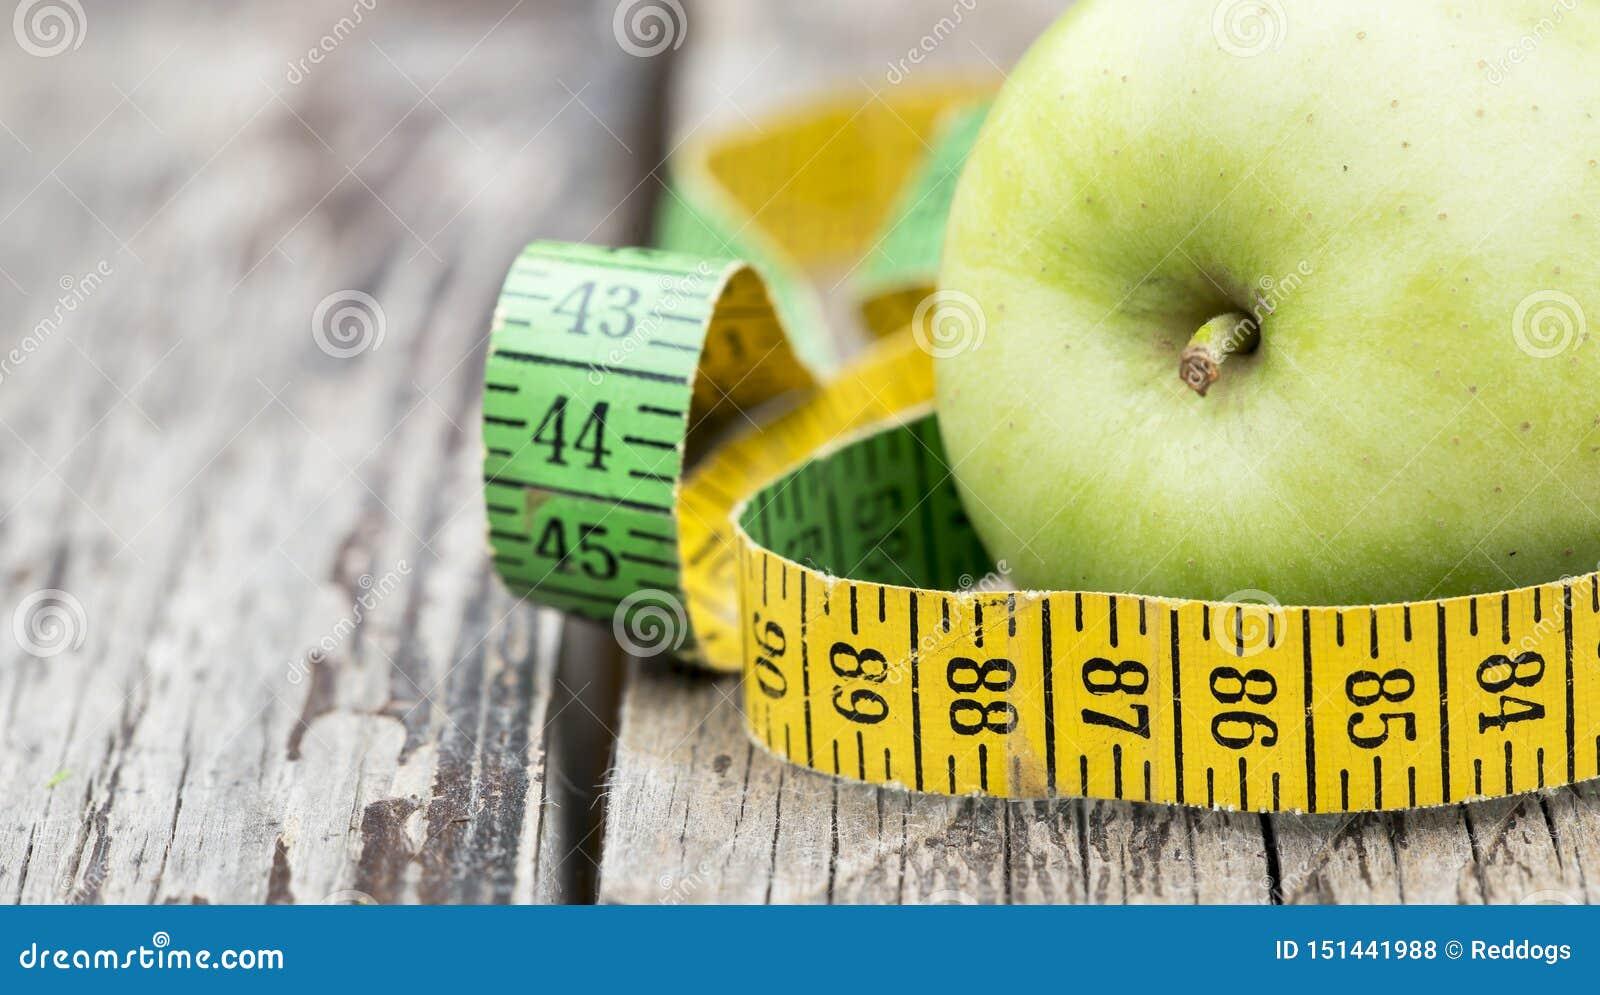 Потеря веса, концепция диеты - зеленое яблоко с рулеткой, знамя сети